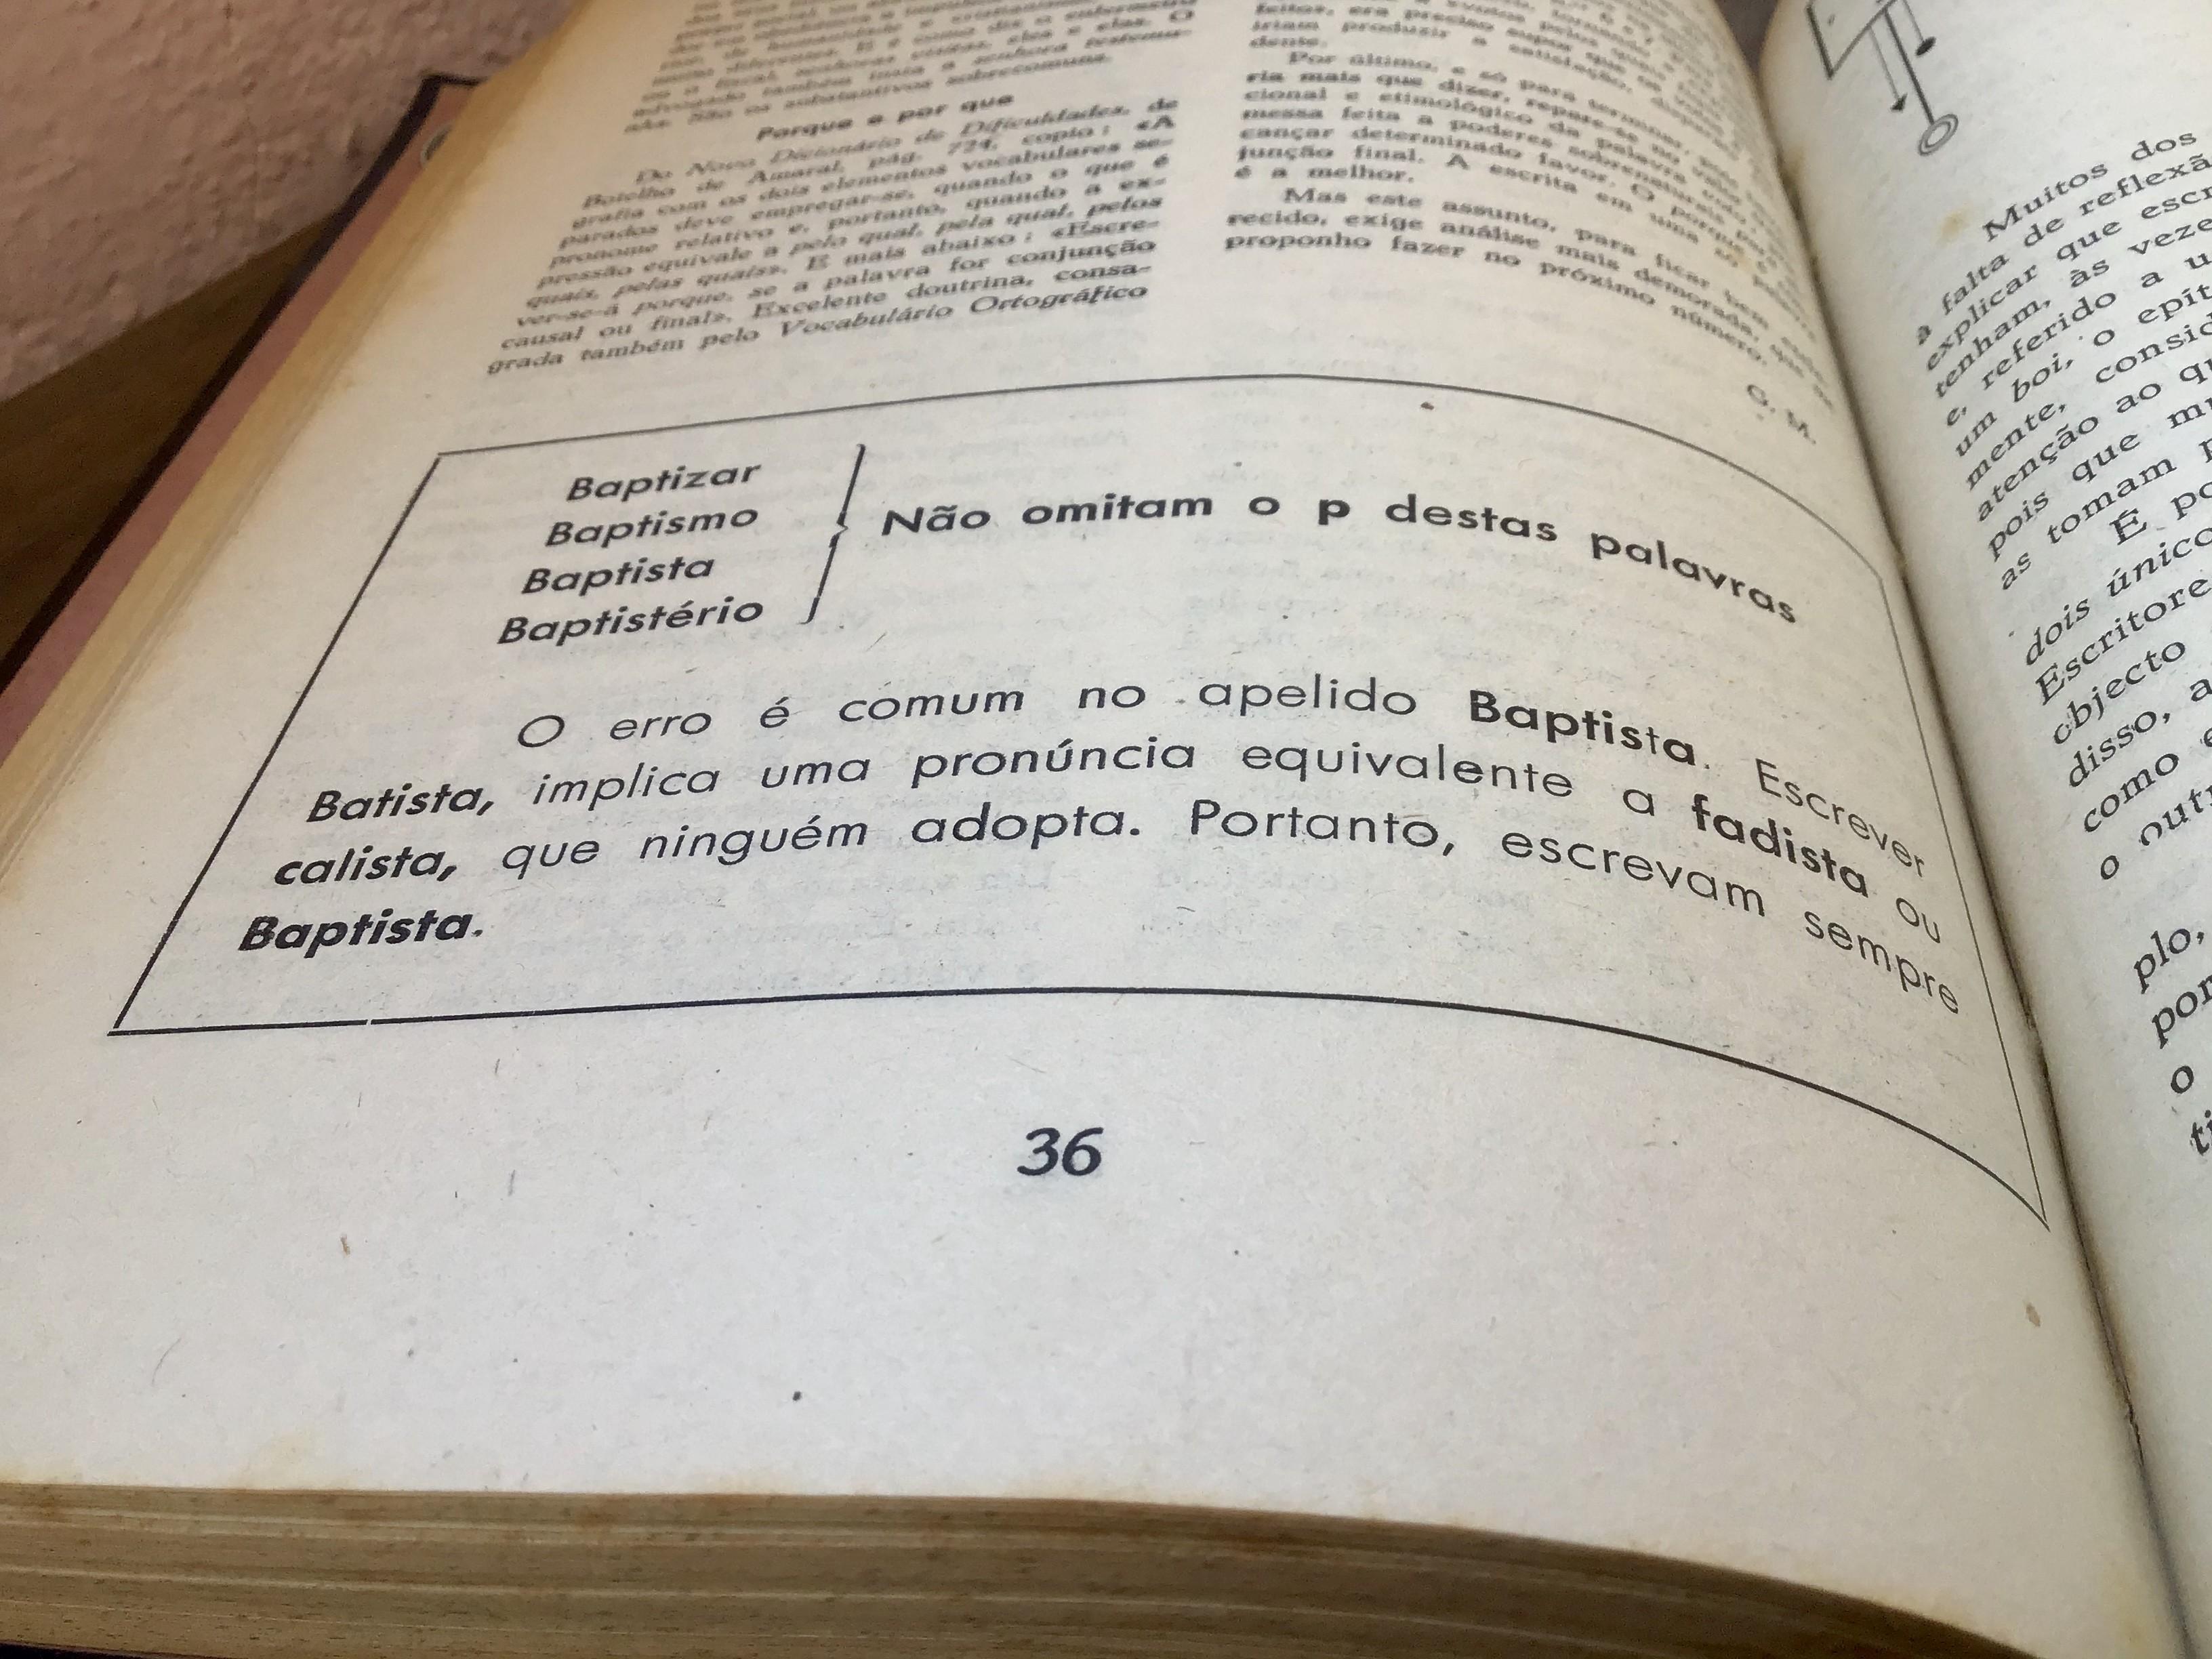 «A Bem da Língua Portuguesa», n.°s 8-9, Junho-Julho de 1950.